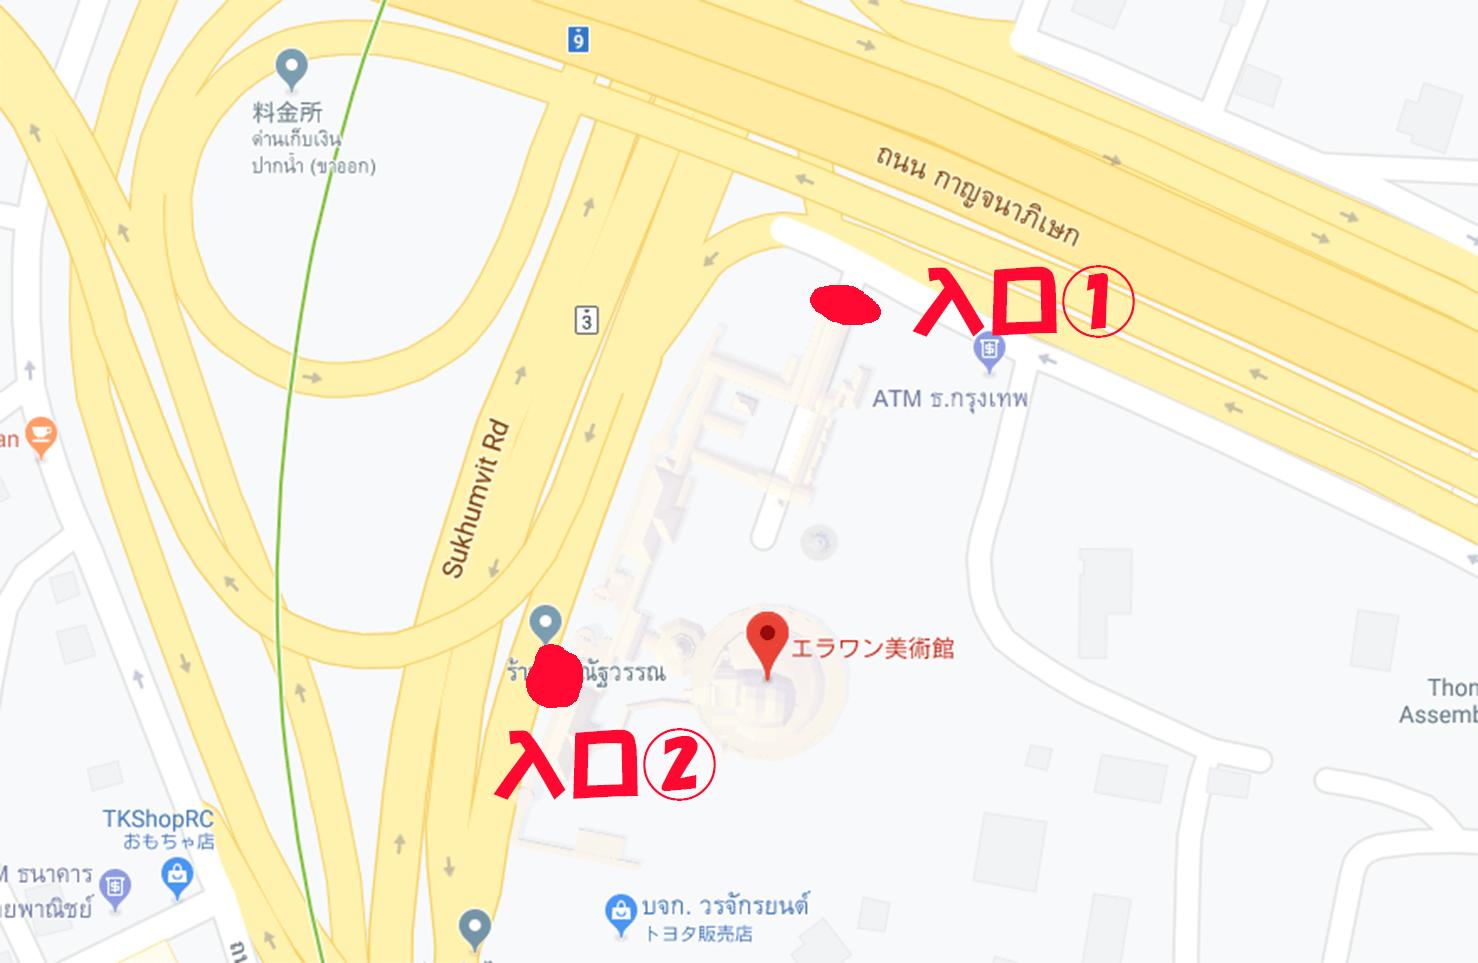 エラワン入口地図スクショ